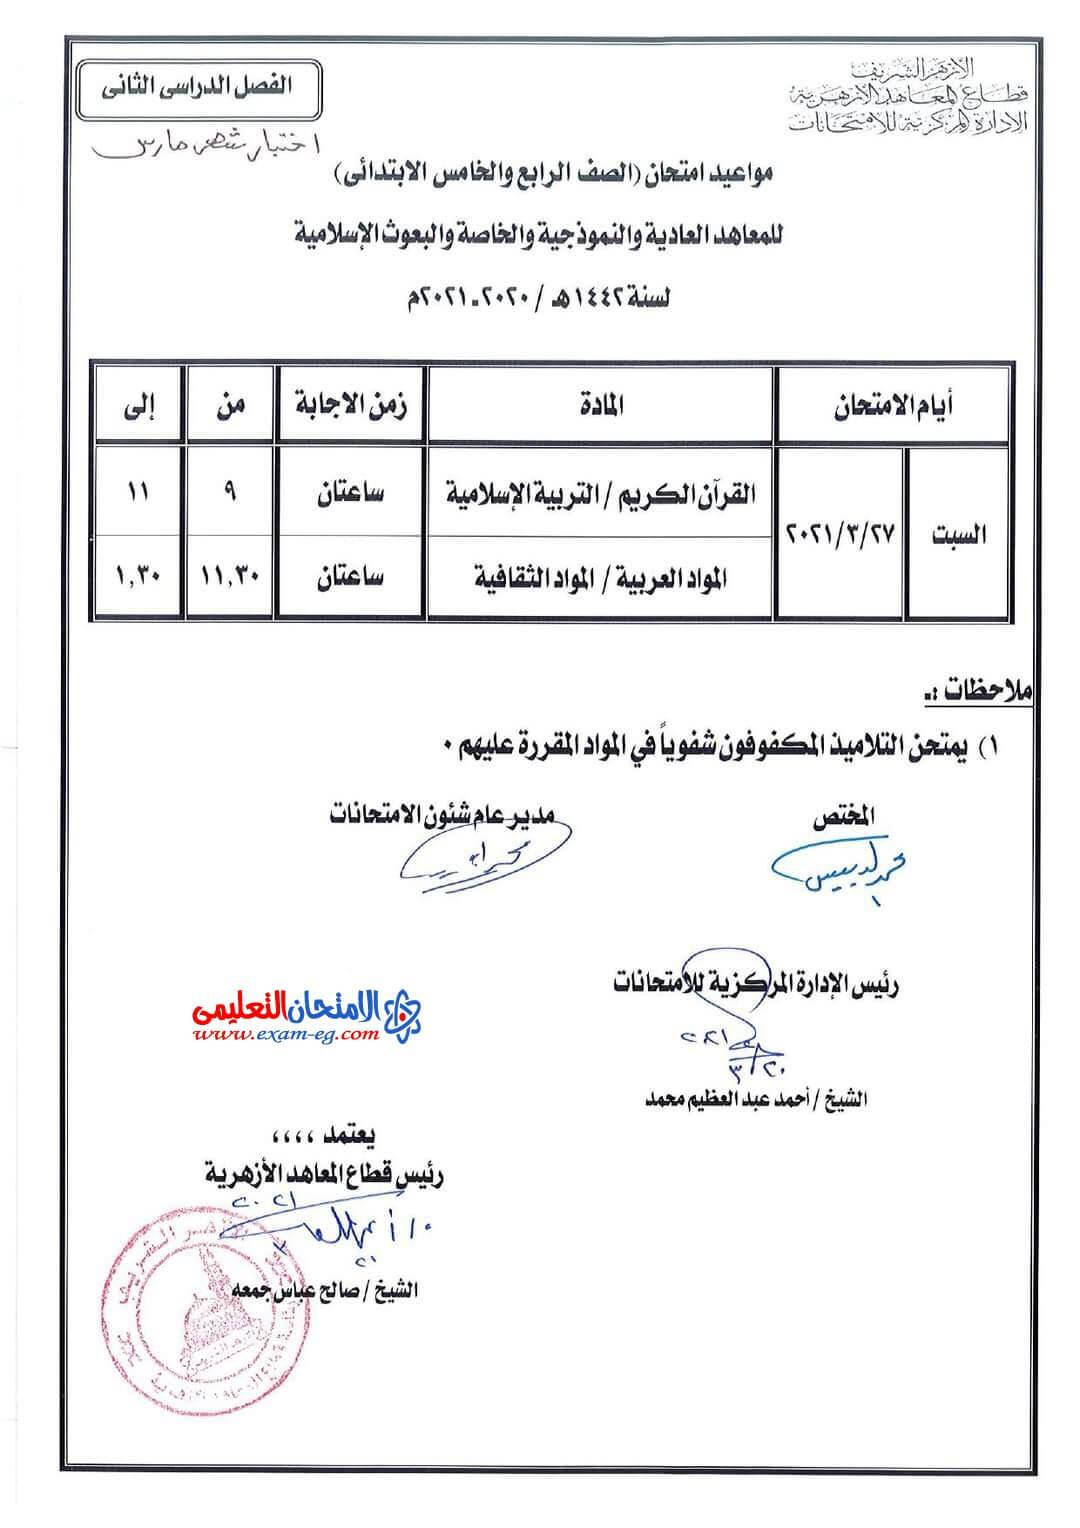 جدول رابعة وخامسة ابتدائى مارس 2021